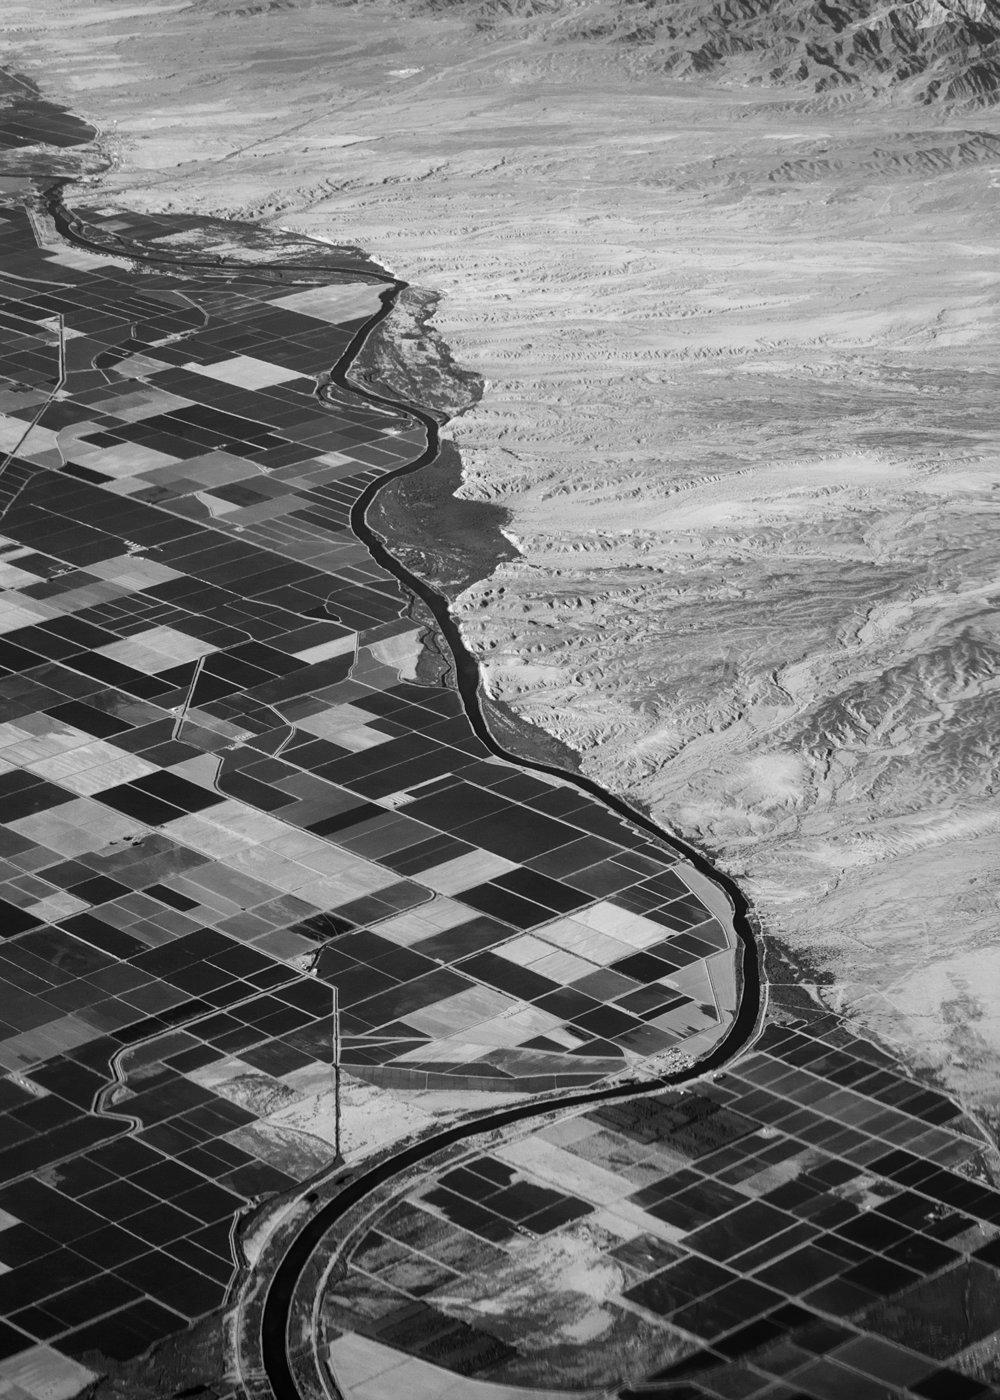 Colorado River Near Blythe